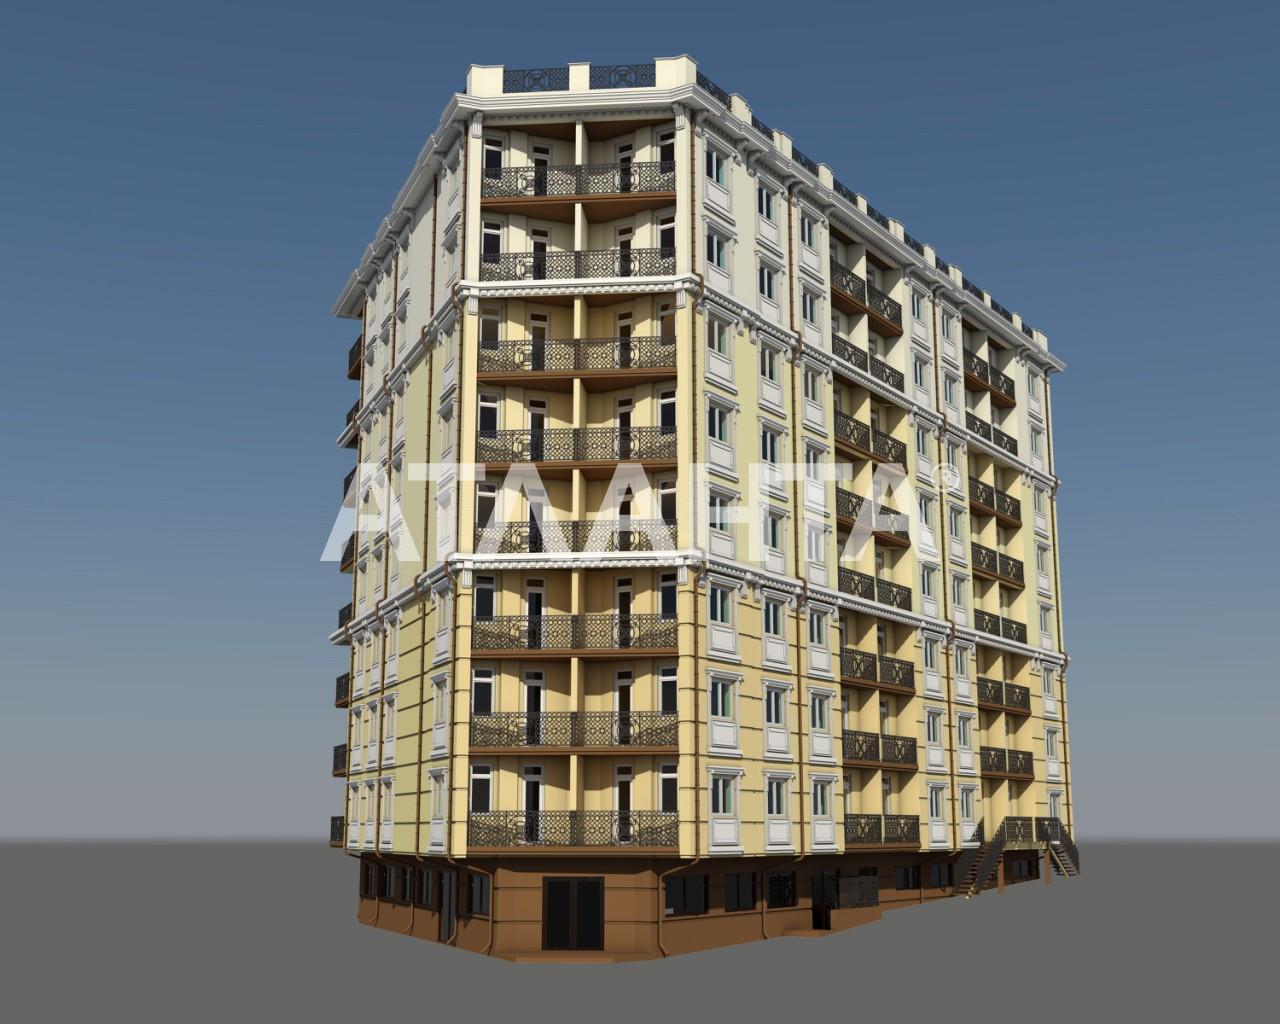 Продается 1-комнатная Квартира на ул. Новосельского (Островидова) — 47 380 у.е. (фото №2)